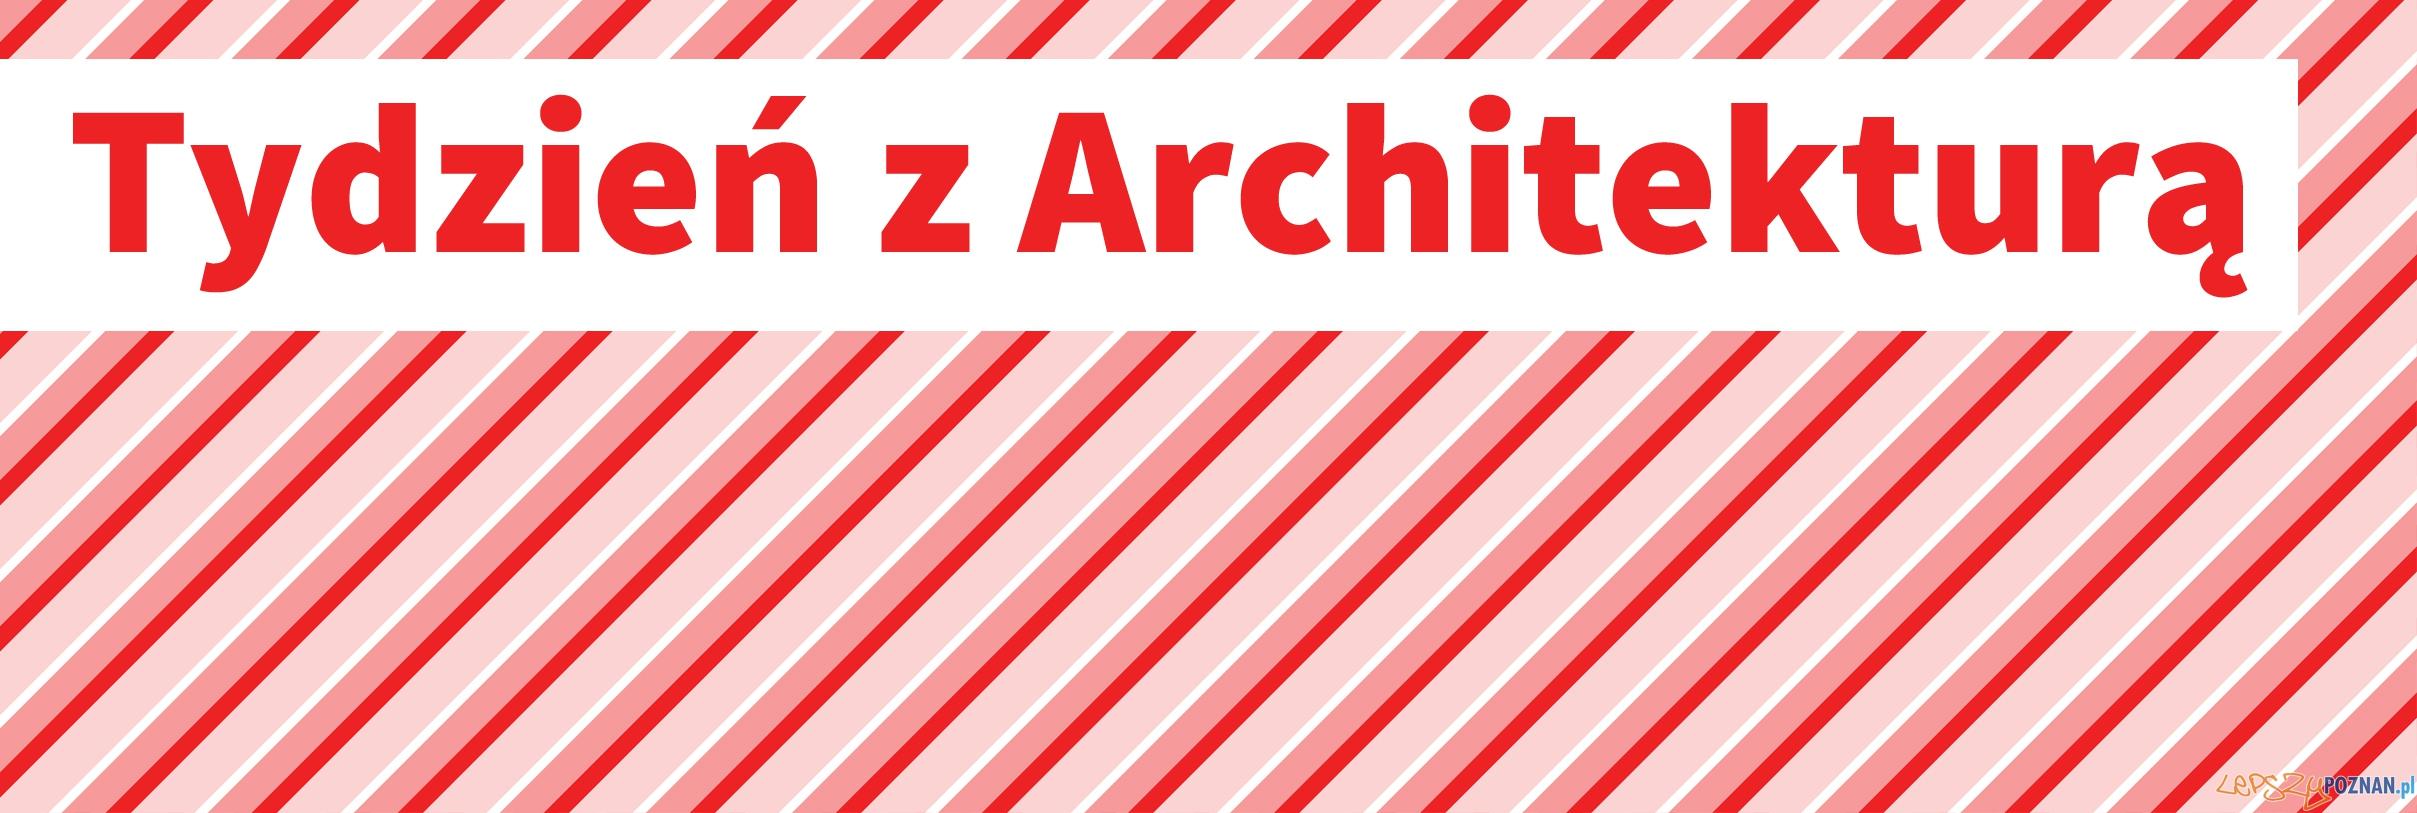 Tydzień z Architekturą  Foto: